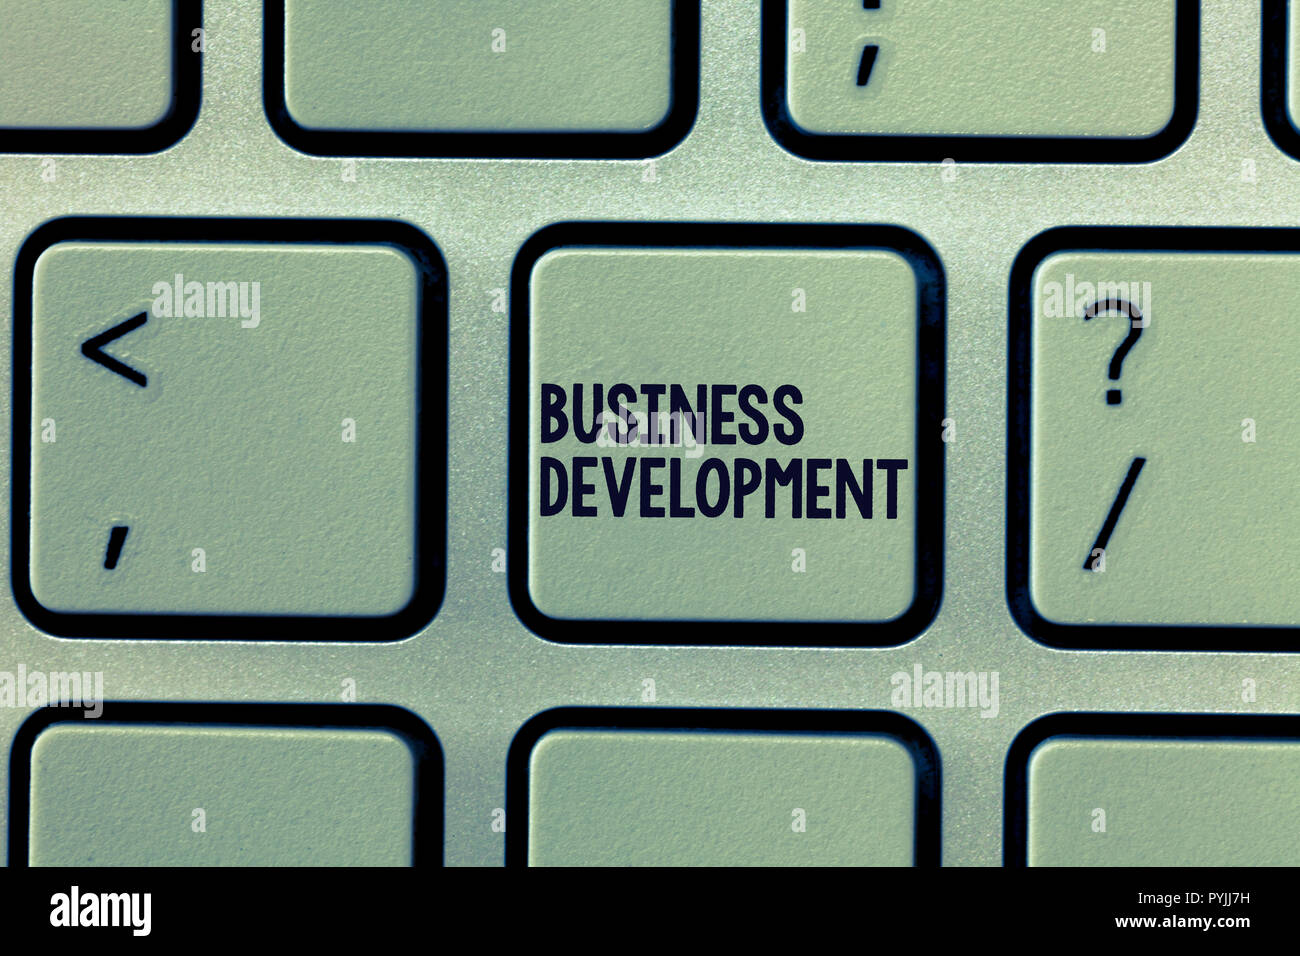 Text Zeichen zeigen, Business Development. Konzeptionelle Foto implementiert werden, um weiteres Wachstum Wert innerhalb und zwischen Unternehmen. Stockfoto